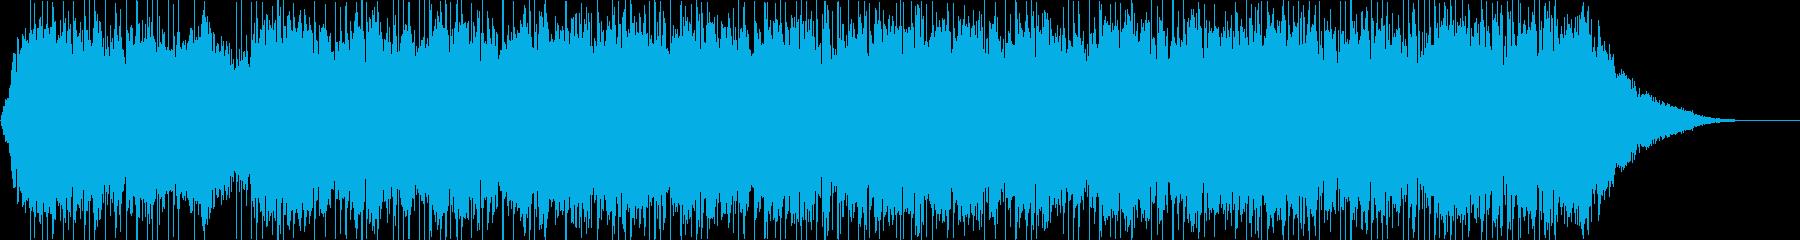 疾走感溢れるピアノエレクトロサウンドの再生済みの波形